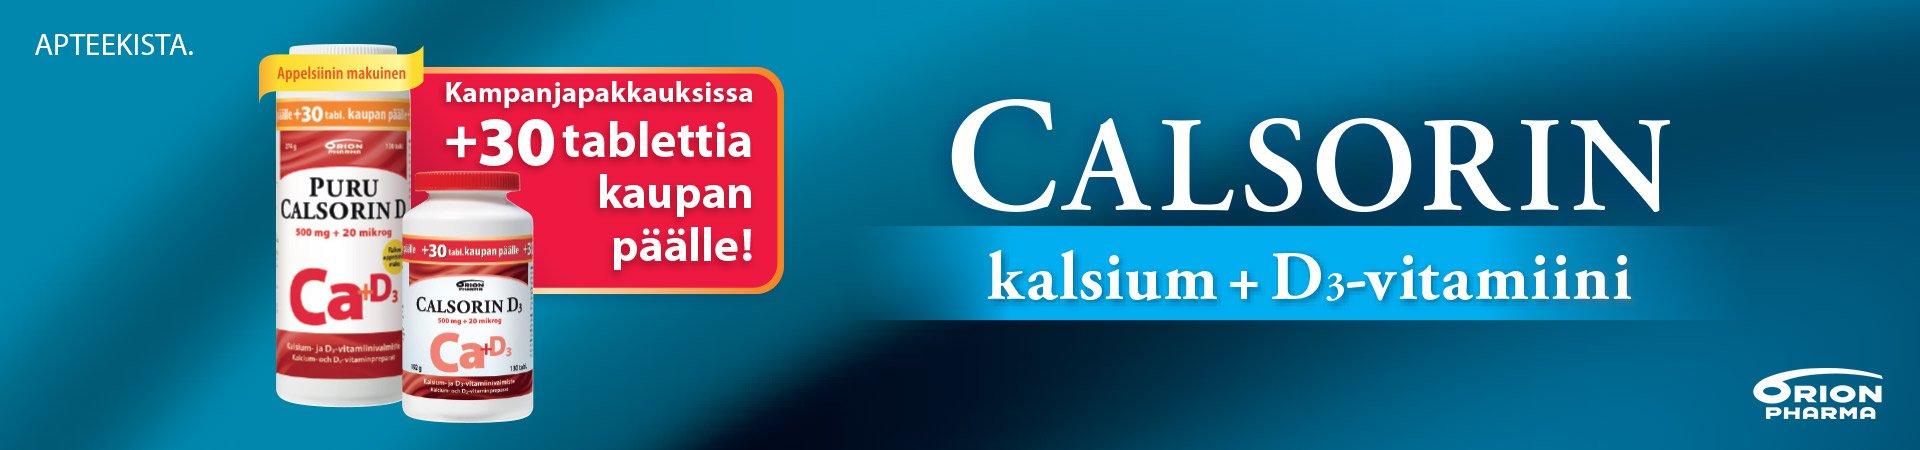 calsorin kampanja maaliskuussa